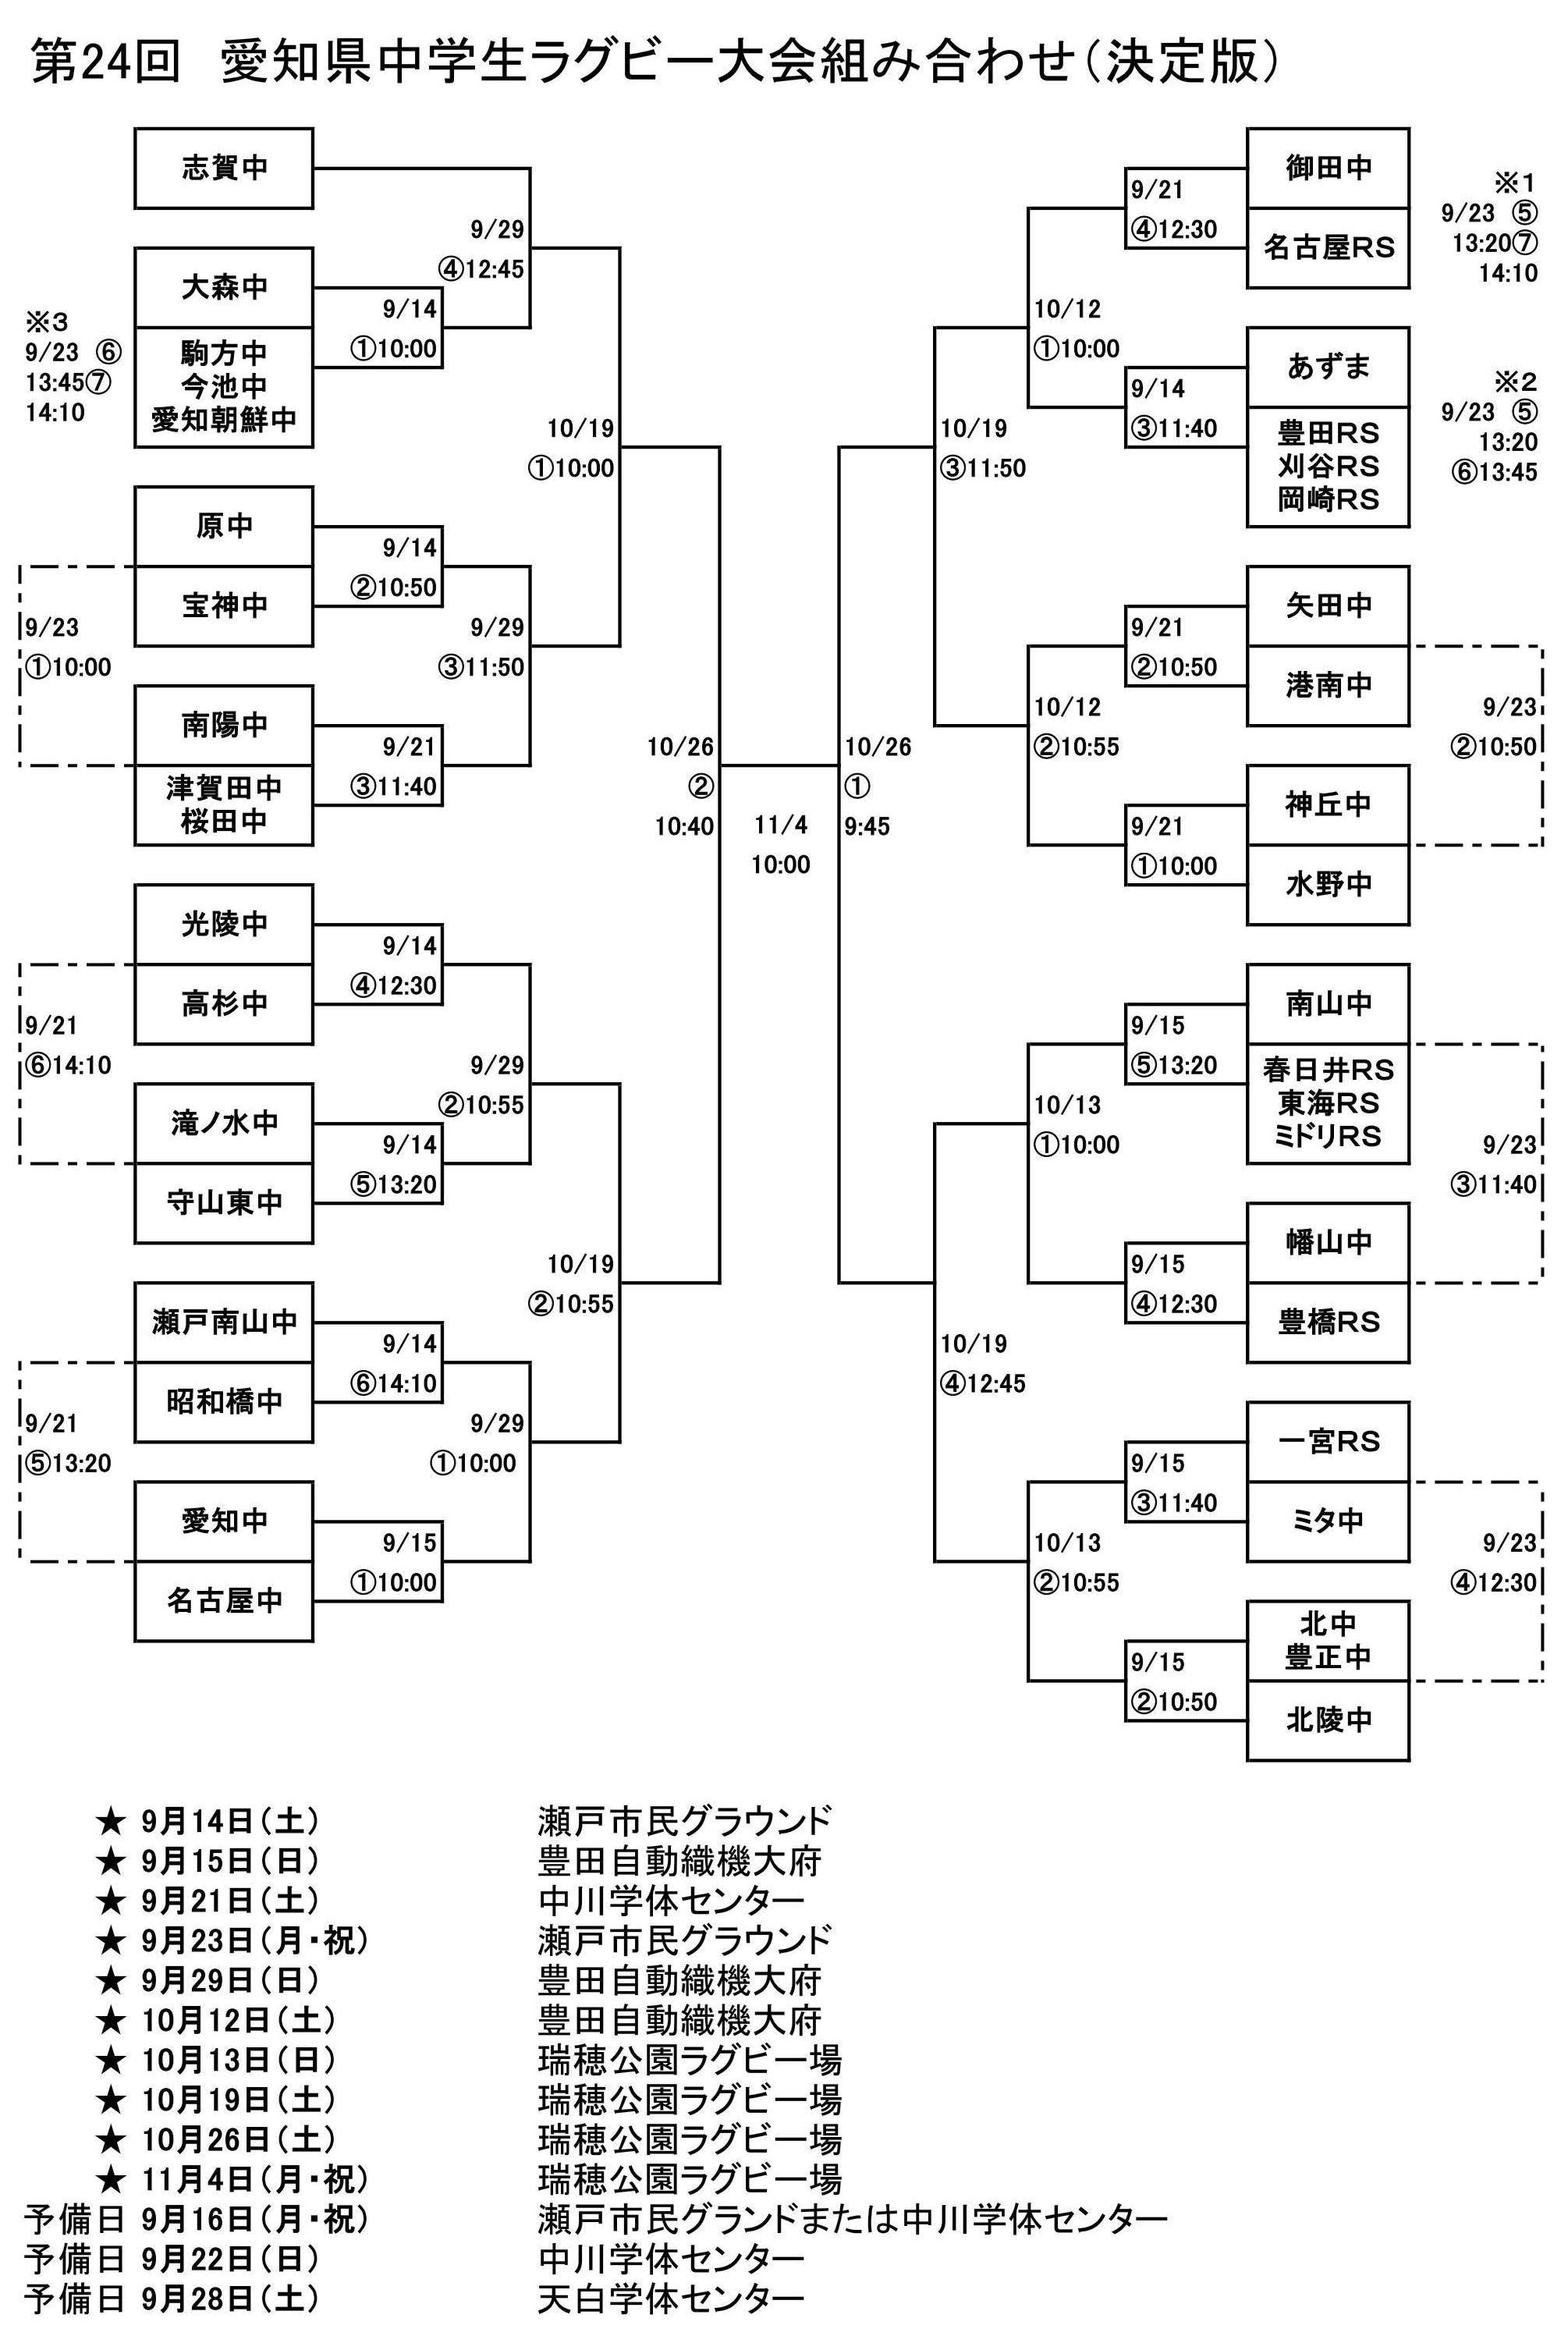 25県大会組み合わせ(0912修正版)_01